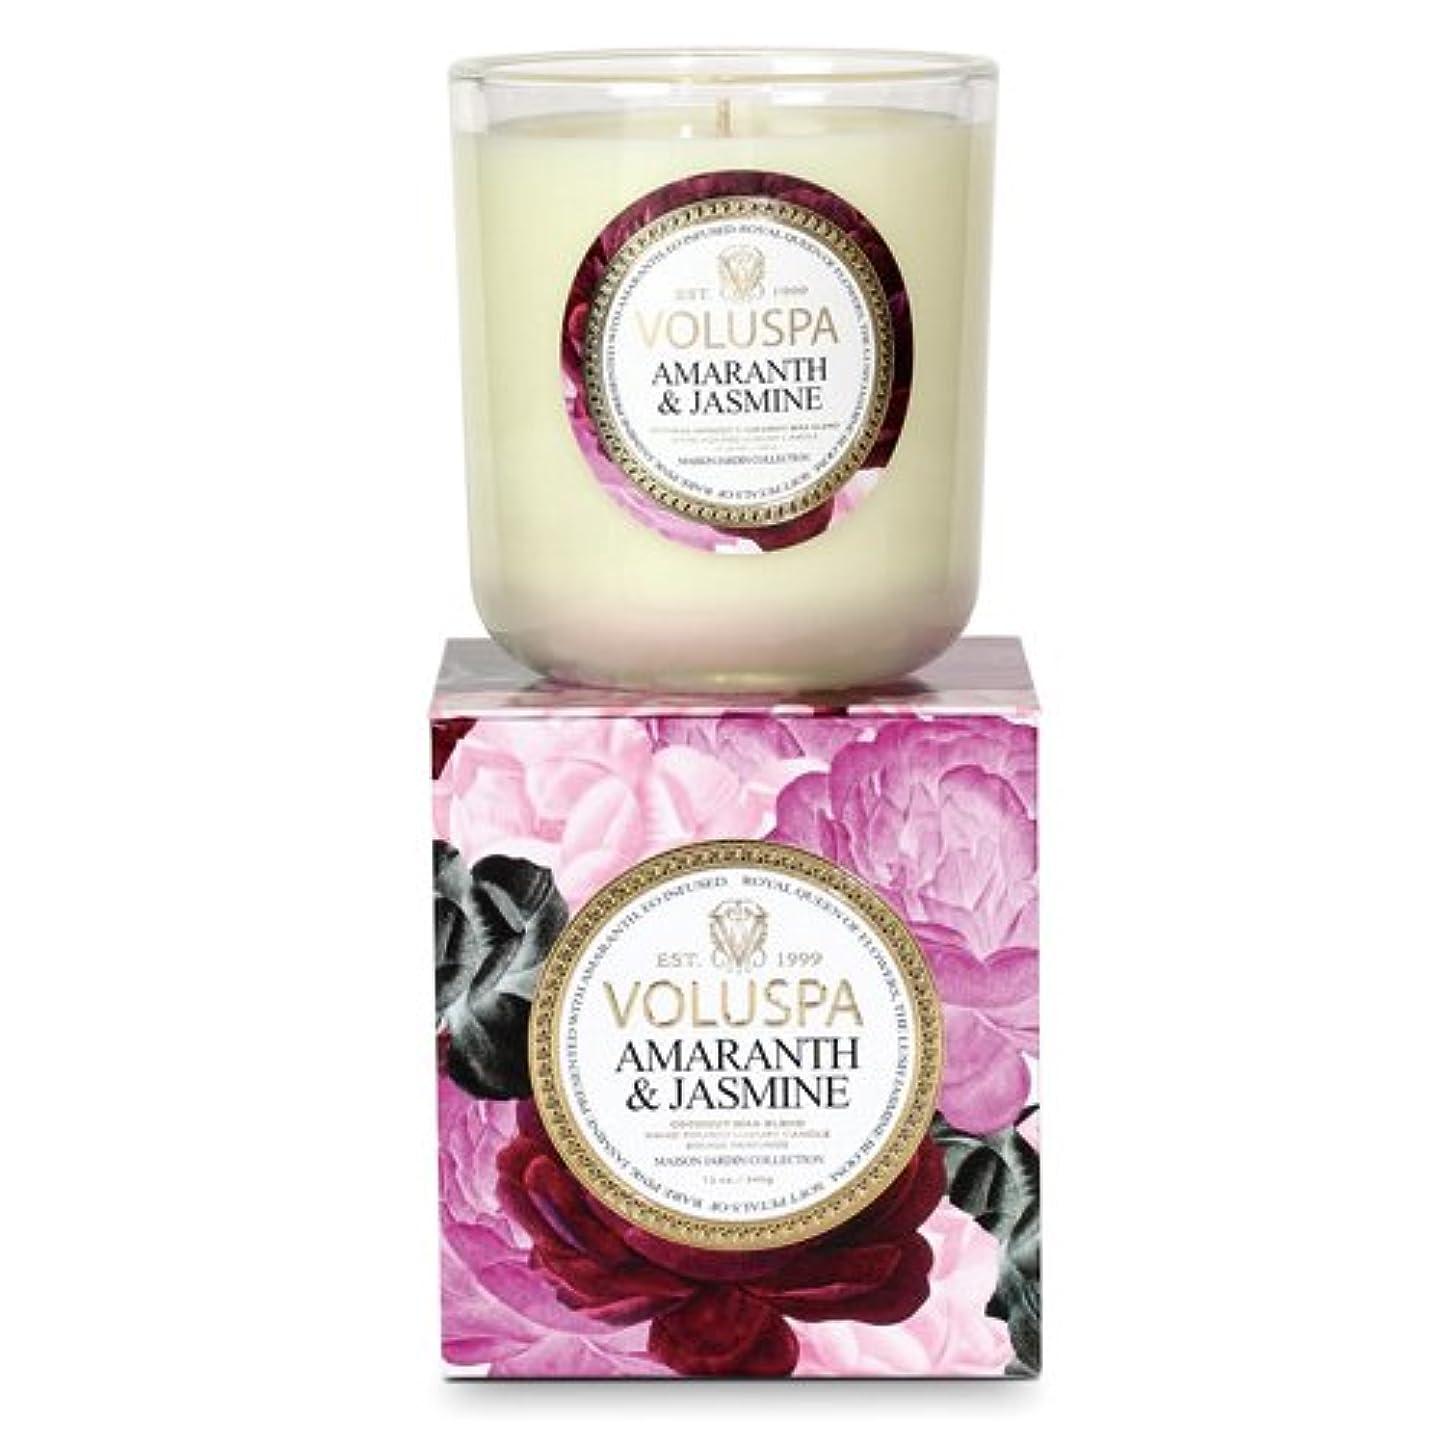 ごめんなさい息を切らして非常に怒っていますVoluspa ボルスパ メゾンジャルダン ボックス入りグラスキャンドル アマランス&ジャスミン MAISON JARDIN Box Glass Candle AMARANTH & JASMINE